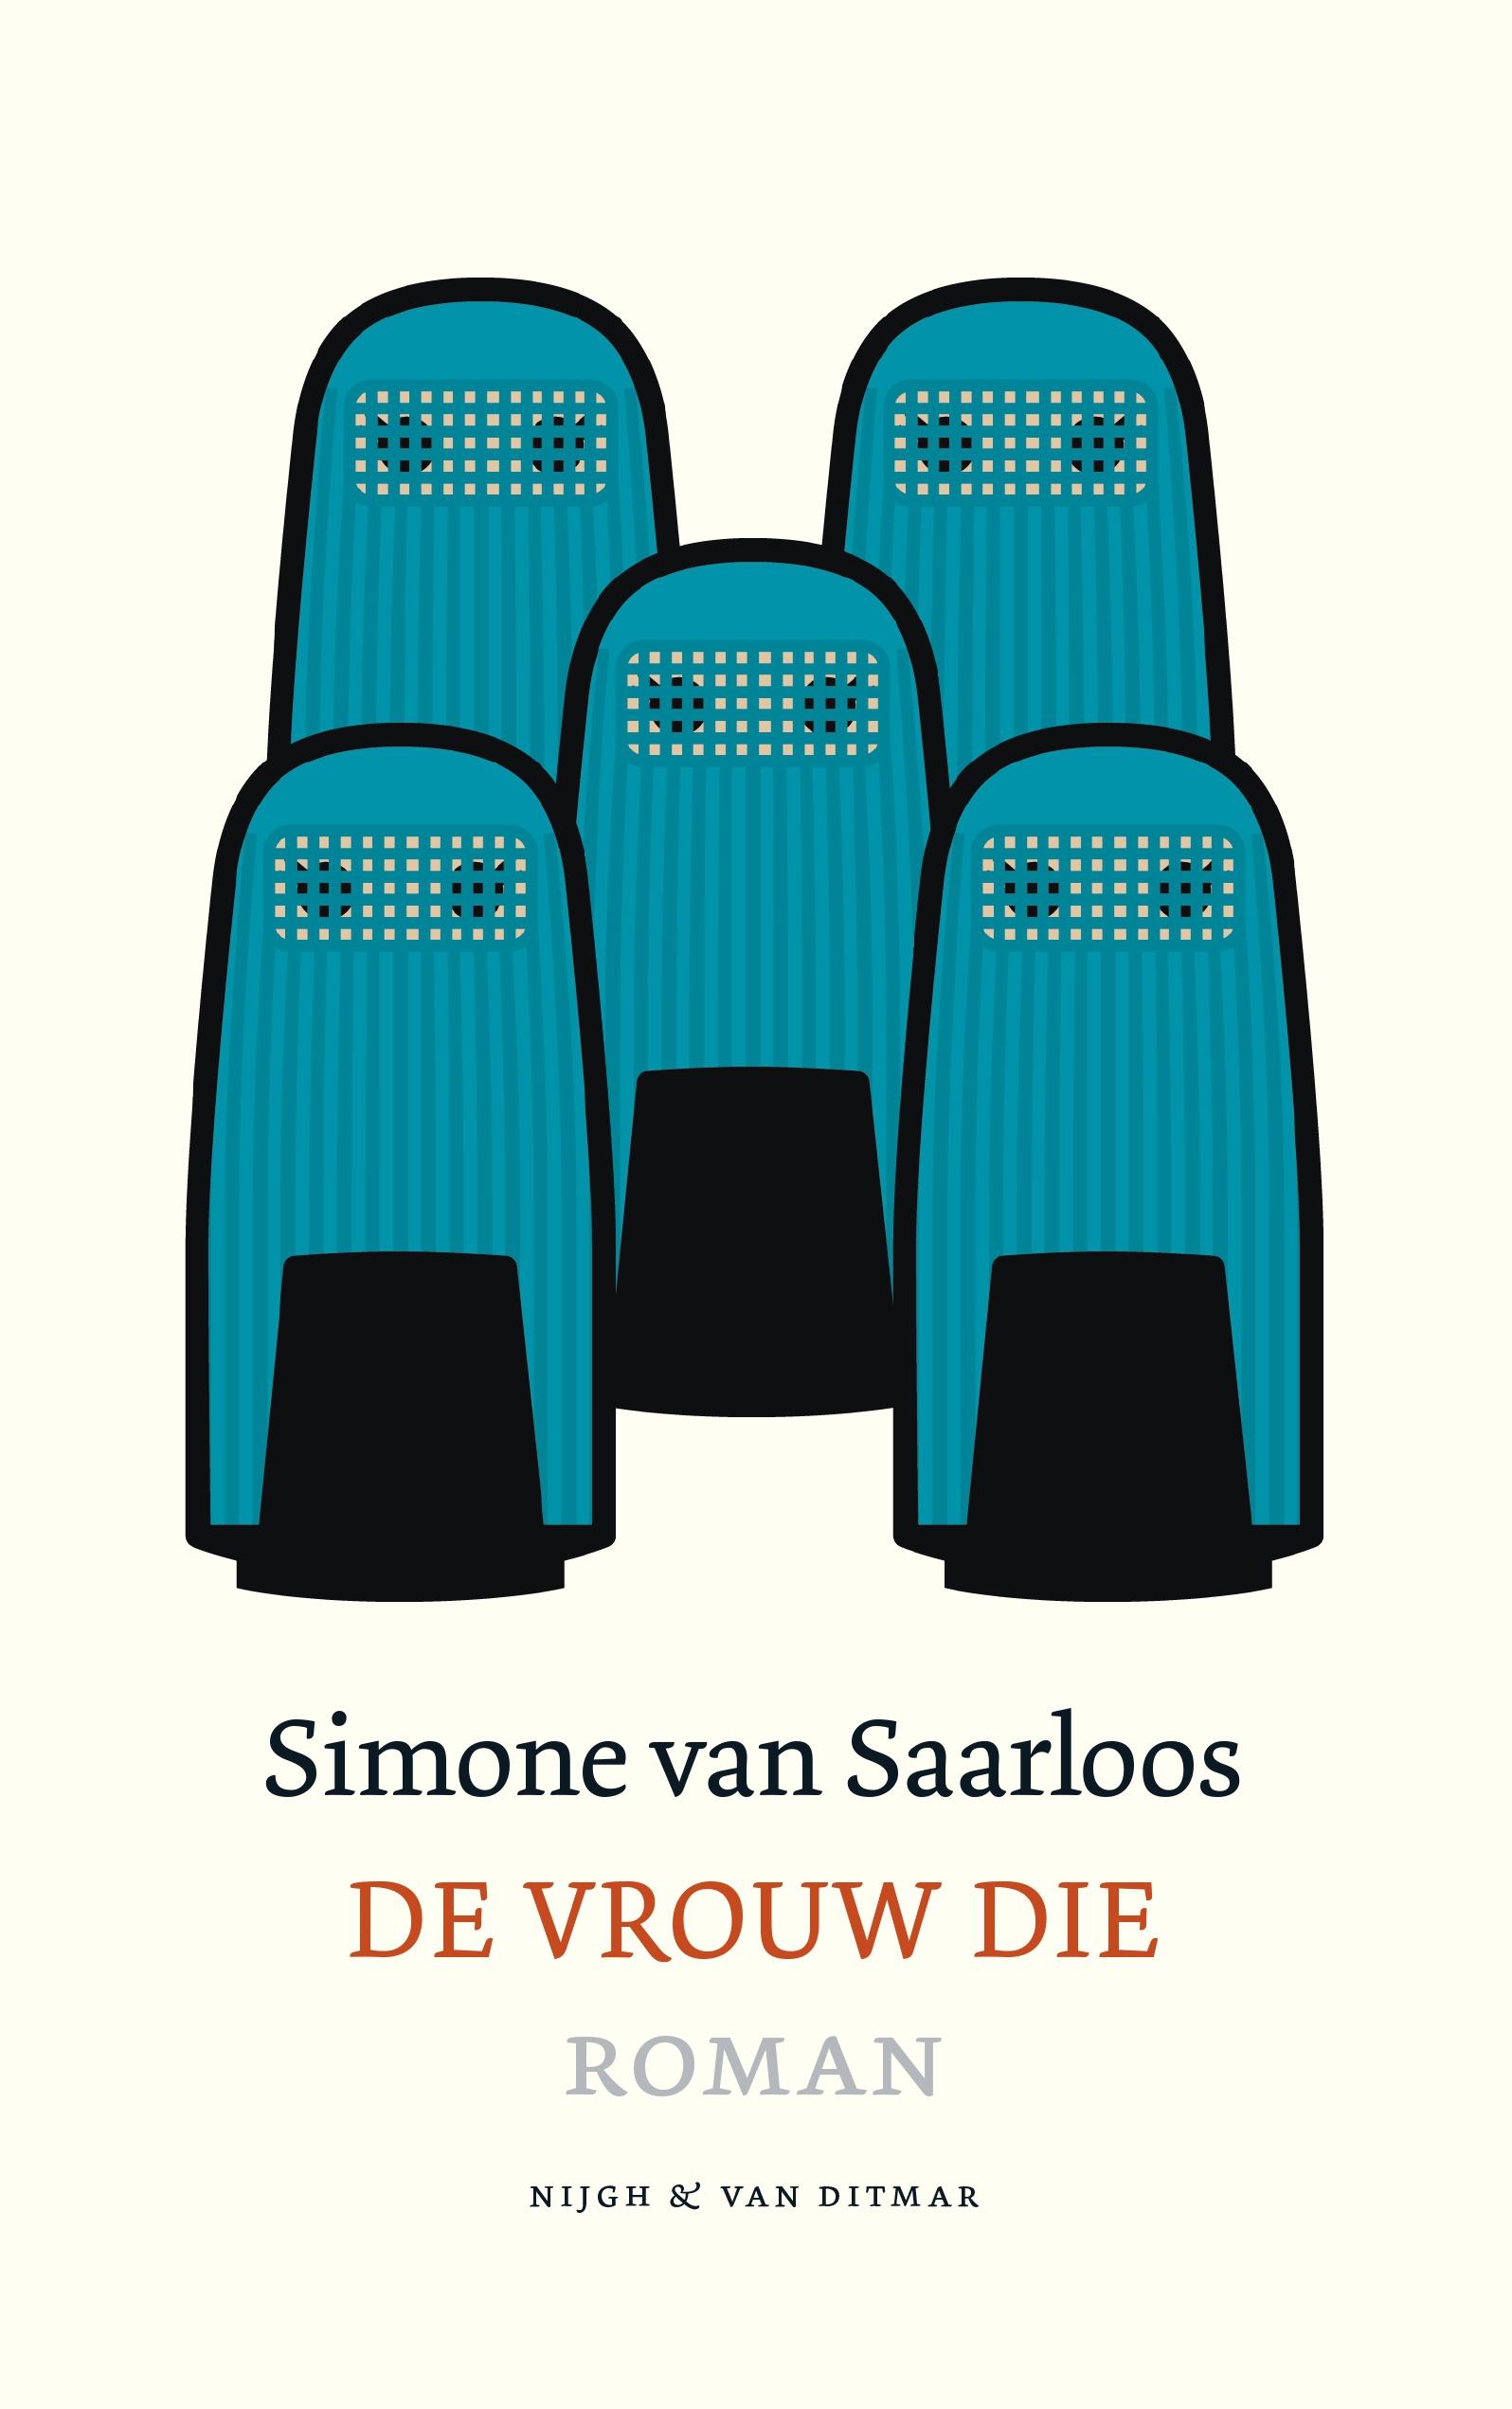 Win! Het boek 'De vrouw die' van Simone van Saarloos